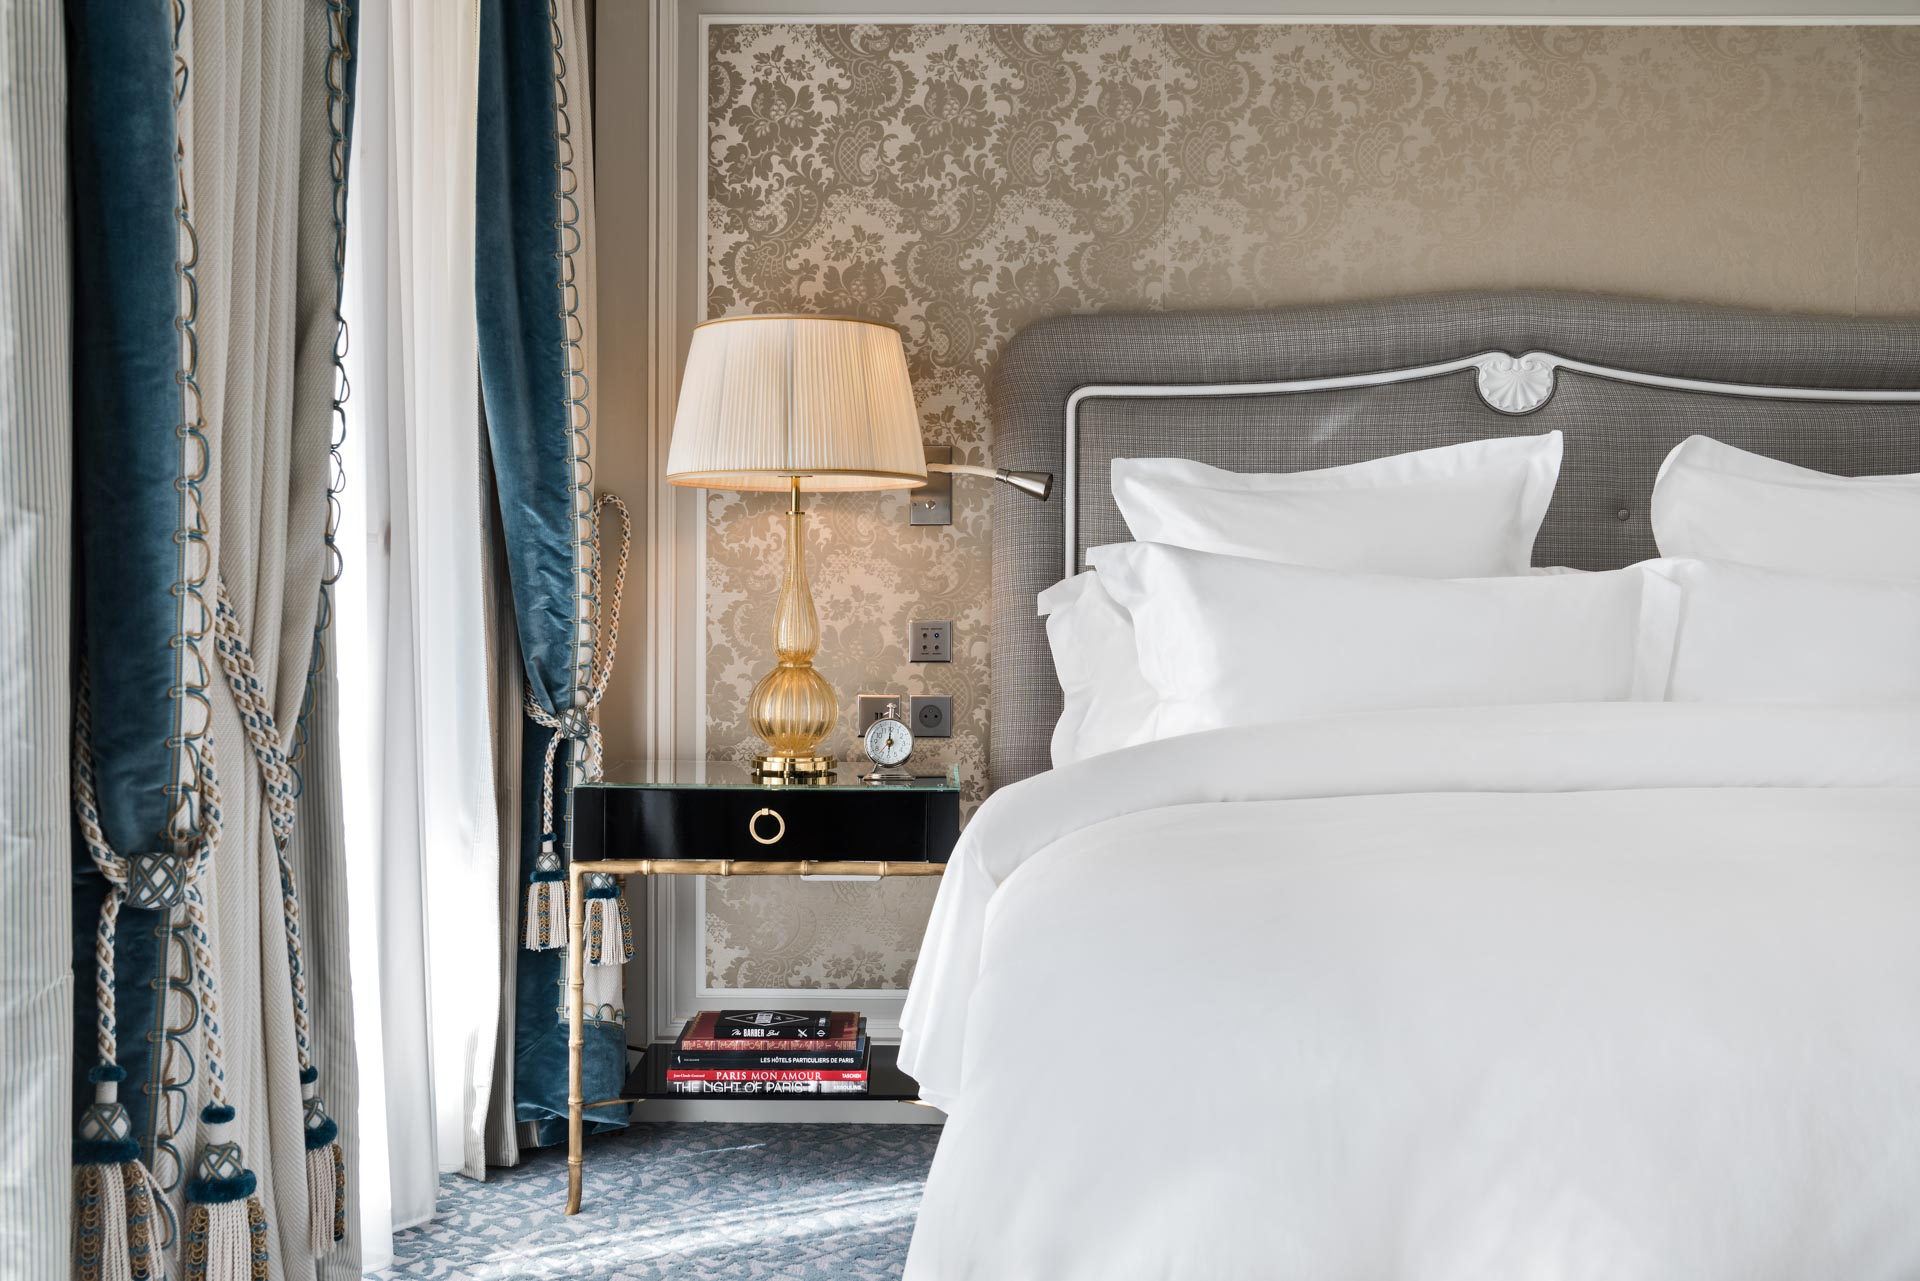 Les chambres, plus spacieuses, et bénéficiant de tout le confort d'un 5-étoiles, contemporain, ont une superficie minimale de 32m2